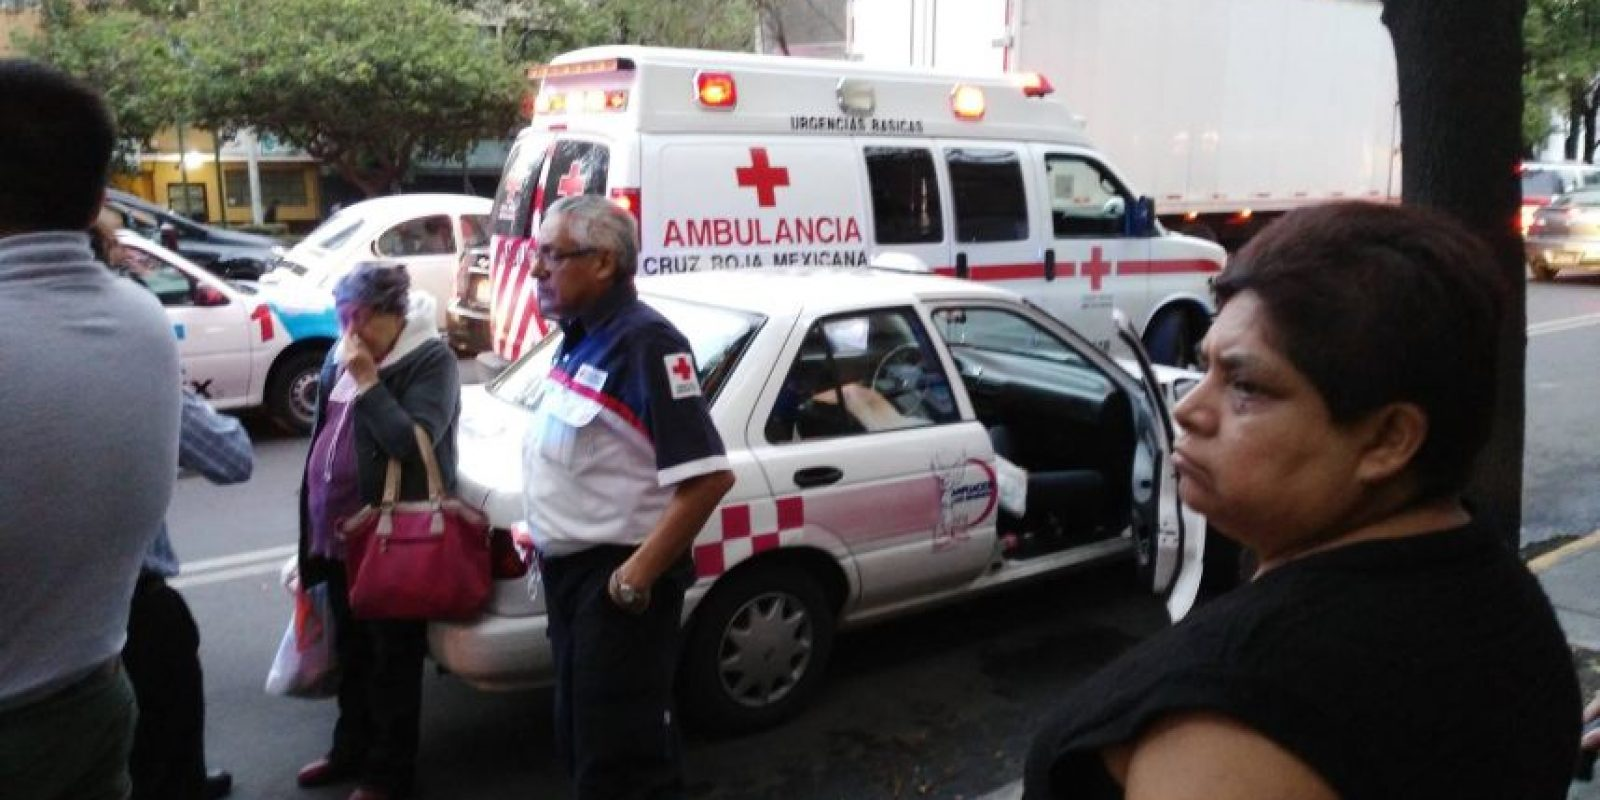 El hombre falleció al interior del taxi que lo transportaba Foto:Facebook Belen Ga